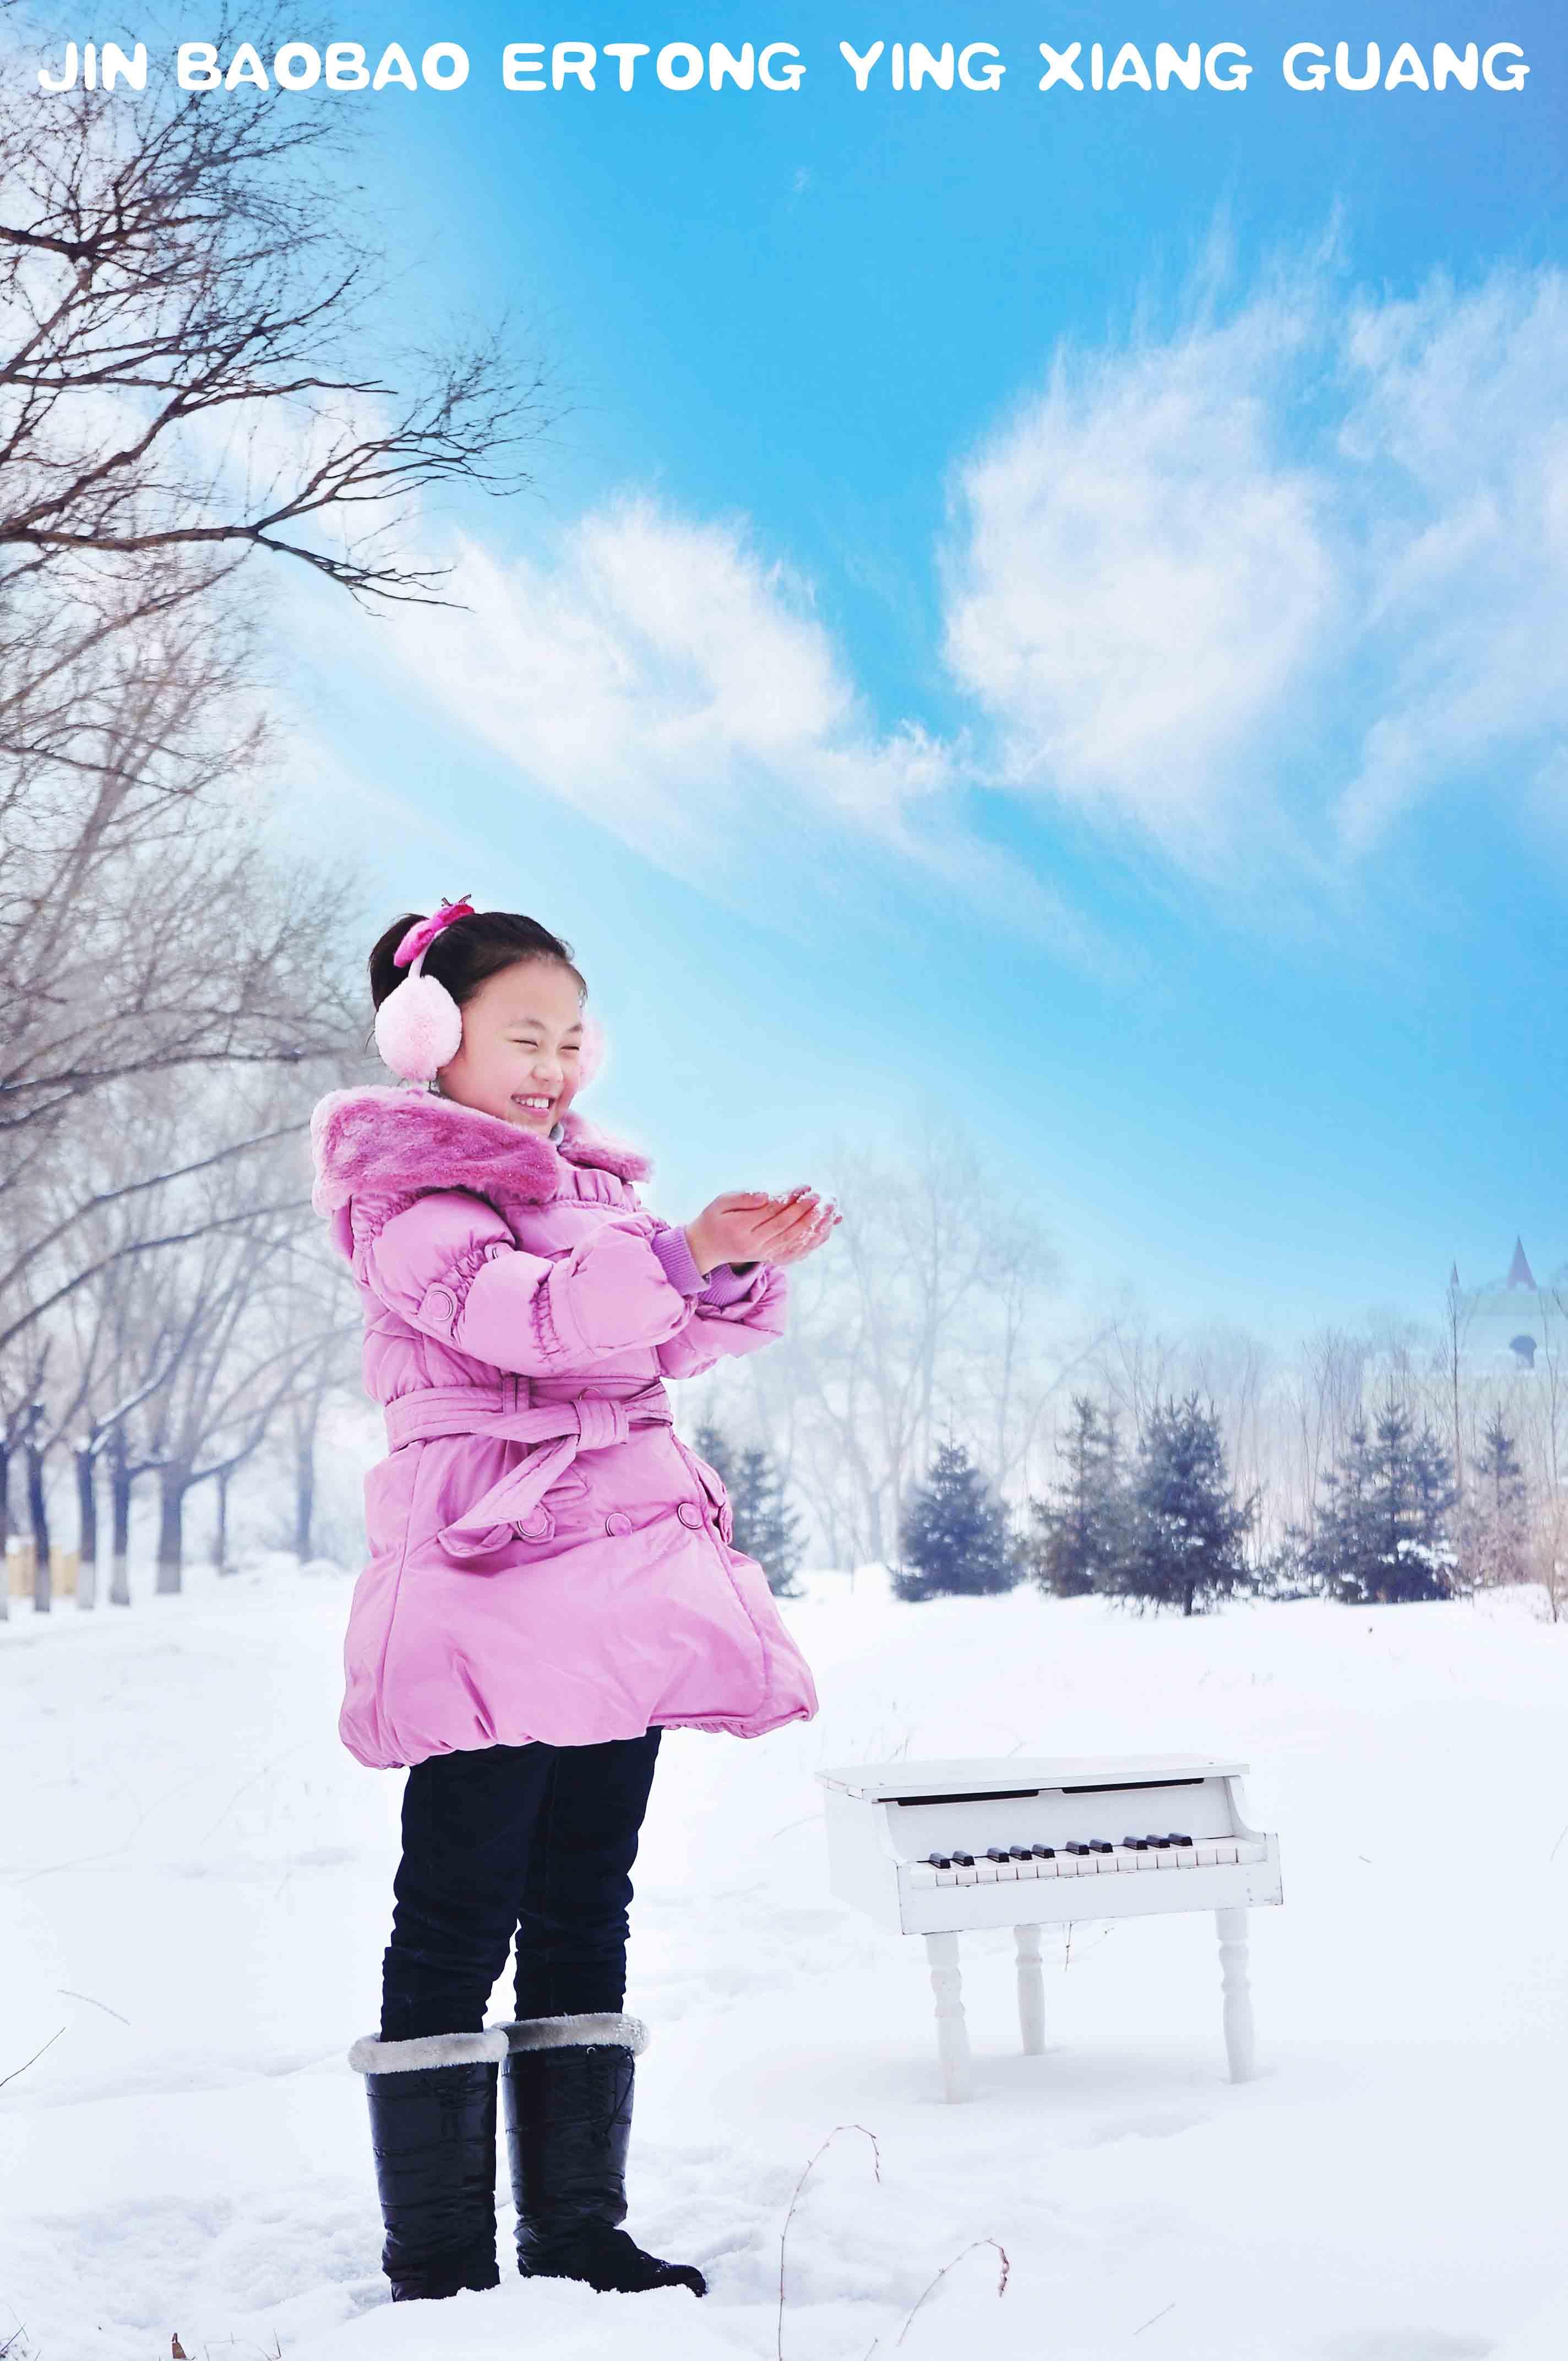 留年影像-雪景一组_儿童摄影作品